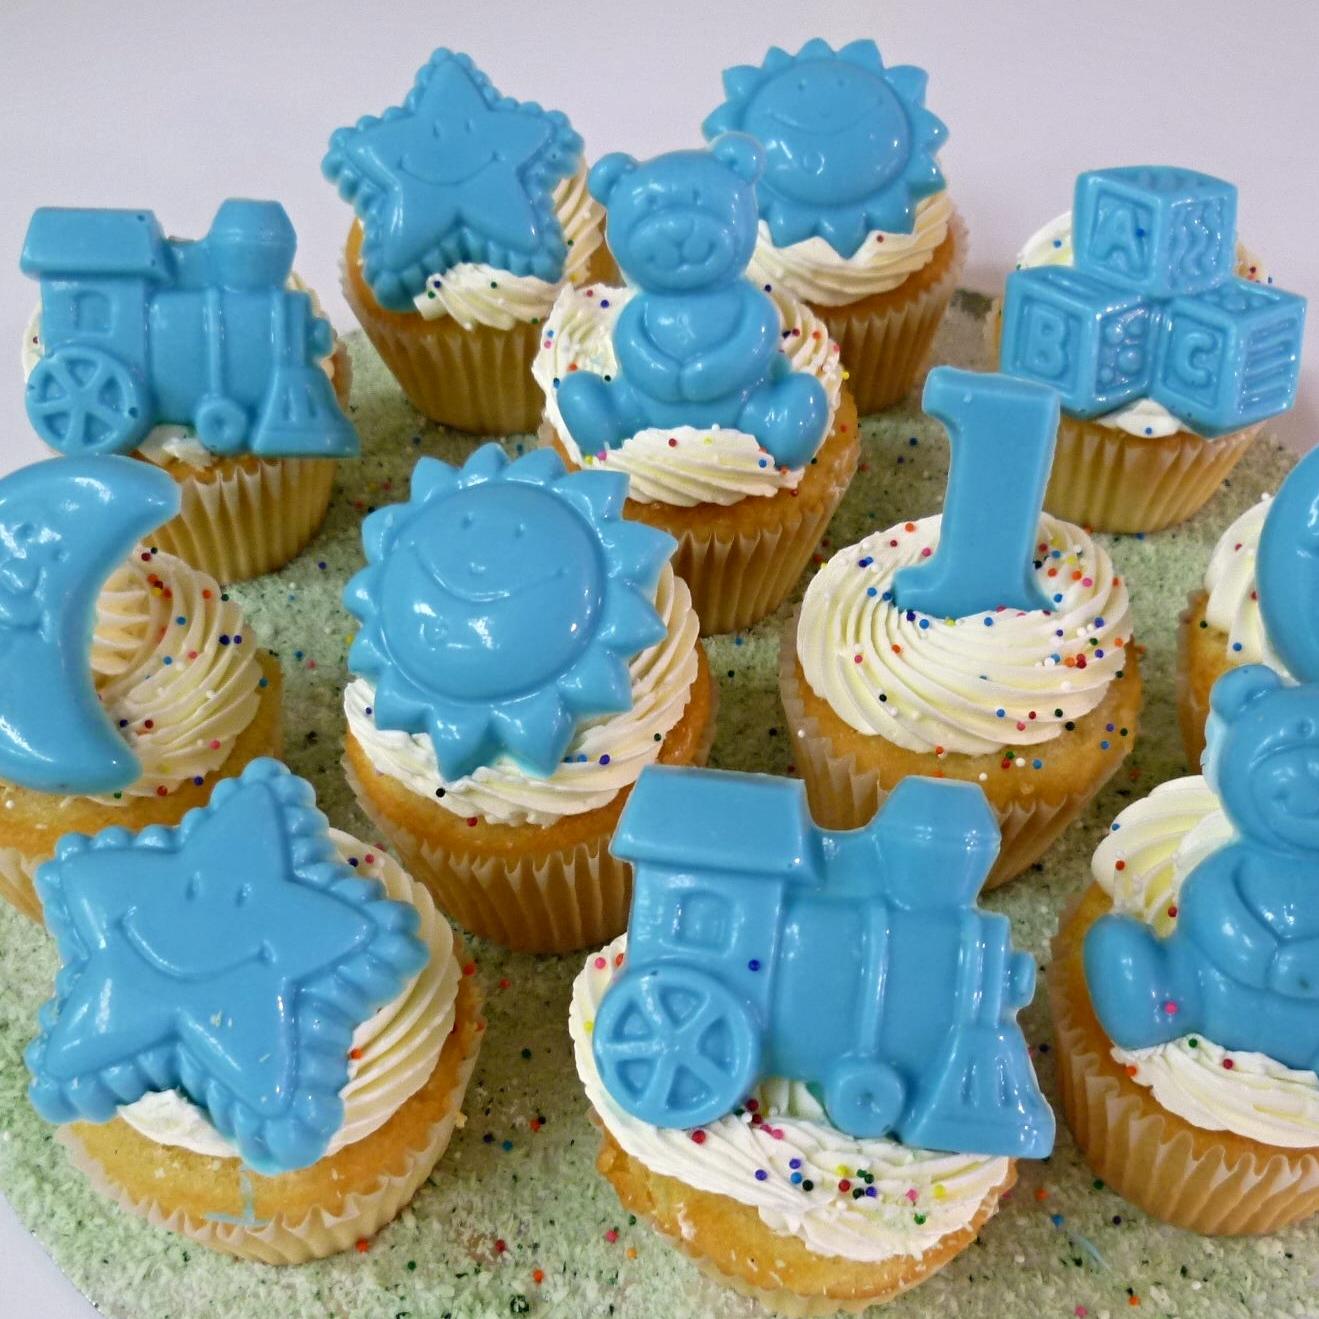 Nos petits gâteaux peuvent être décorés pour convenir àtoutes les occasions.